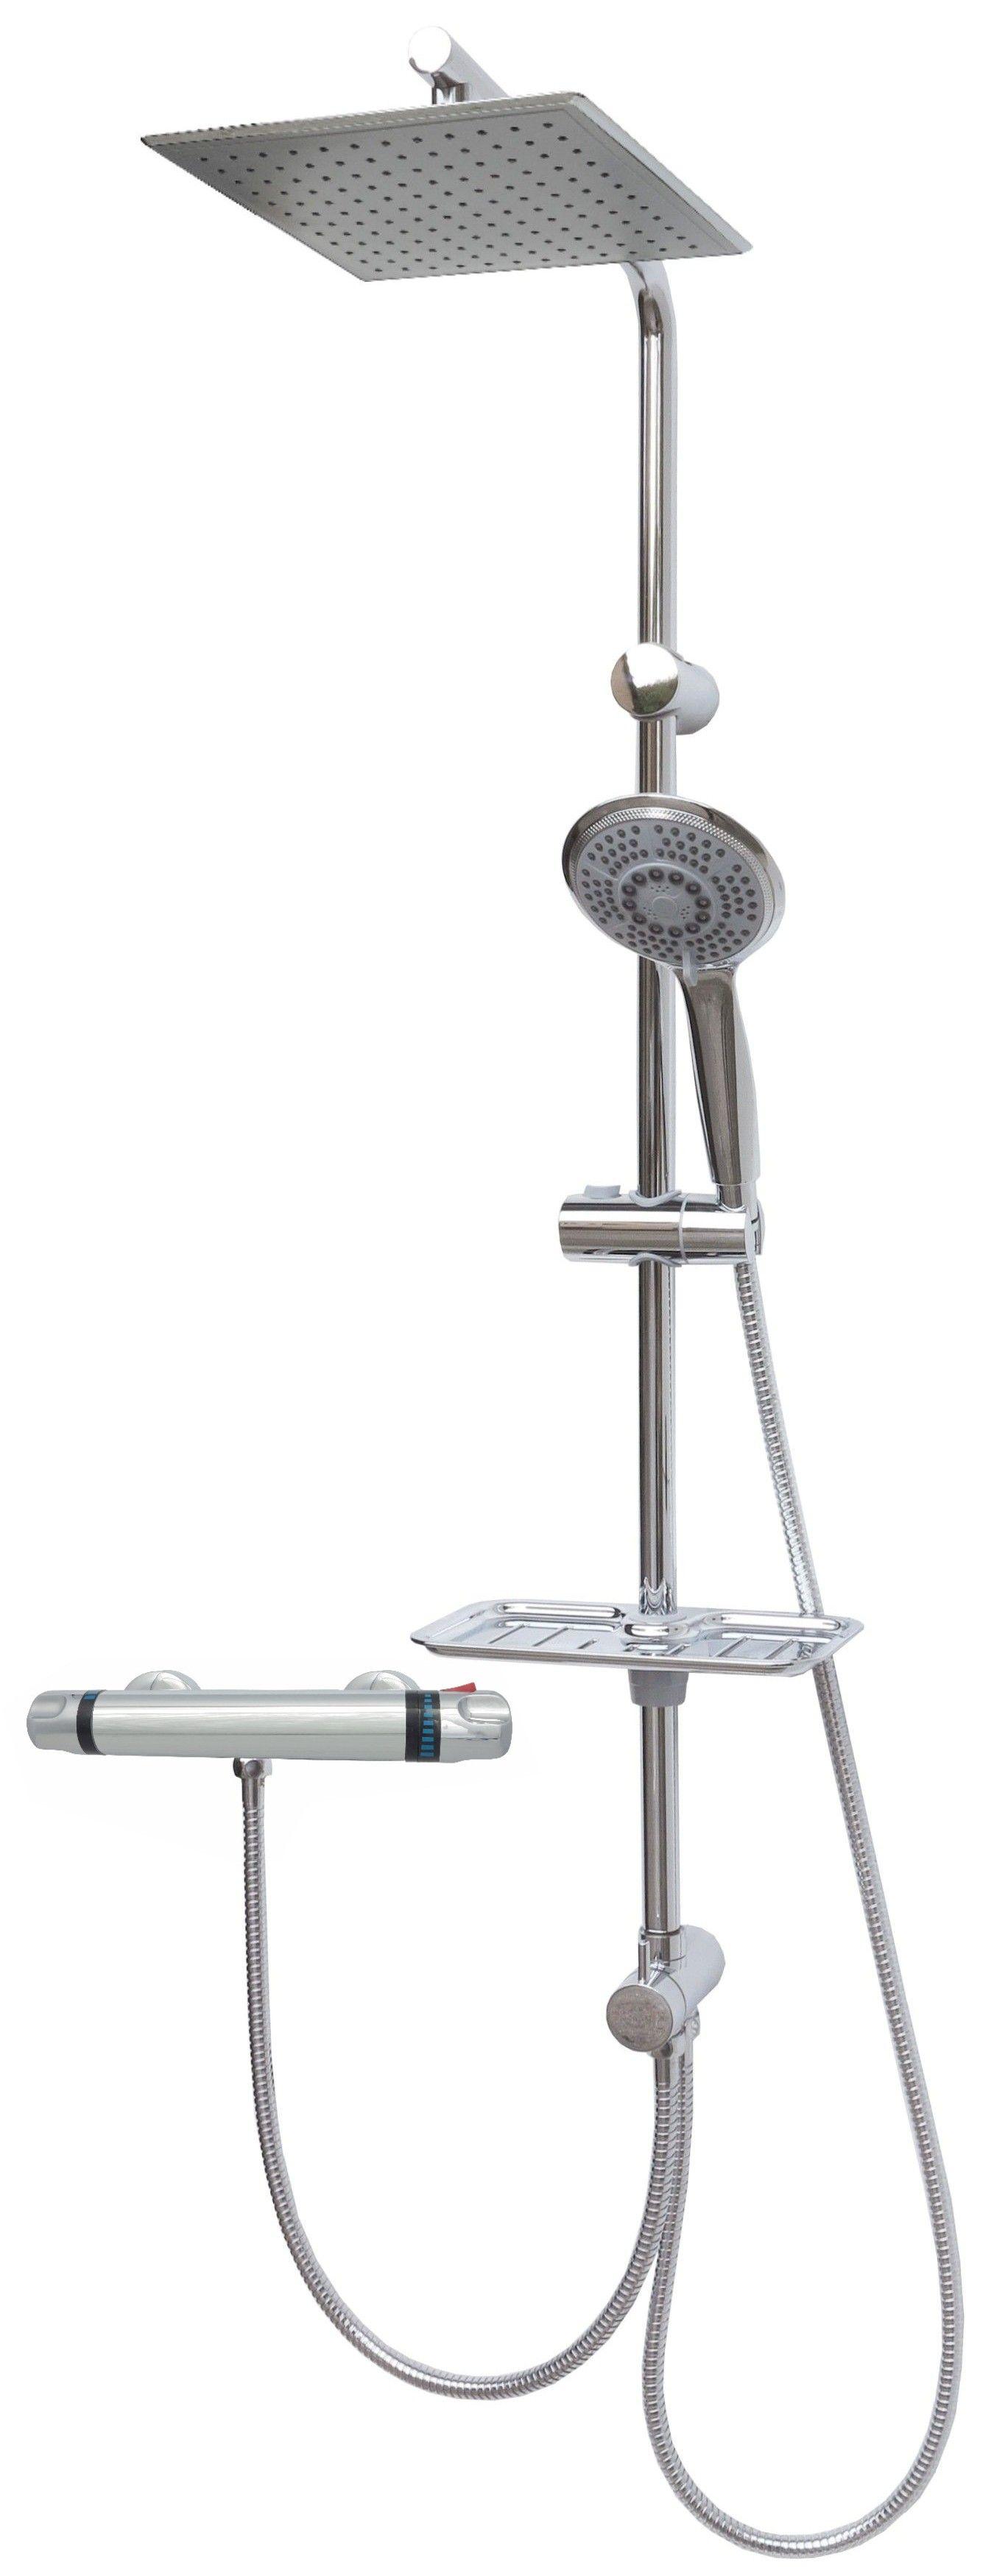 duschset duschstange duscharmatur thermostat duschkopf regendusche brause chrom ebay. Black Bedroom Furniture Sets. Home Design Ideas